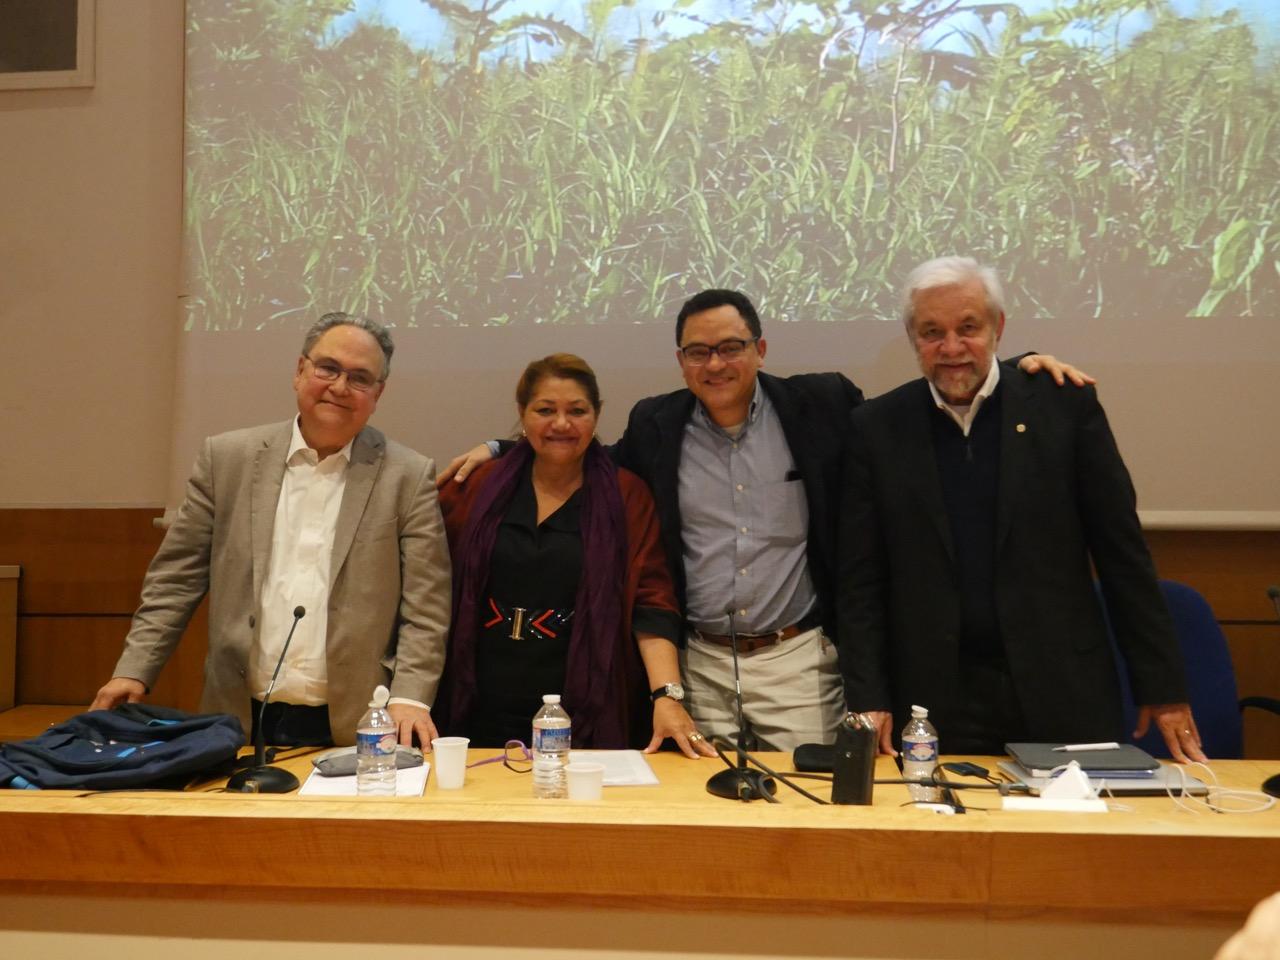 Afrânio Garcia, Marilene Corrêa, Marcos Colón and Marcus Barros in the event in Paris